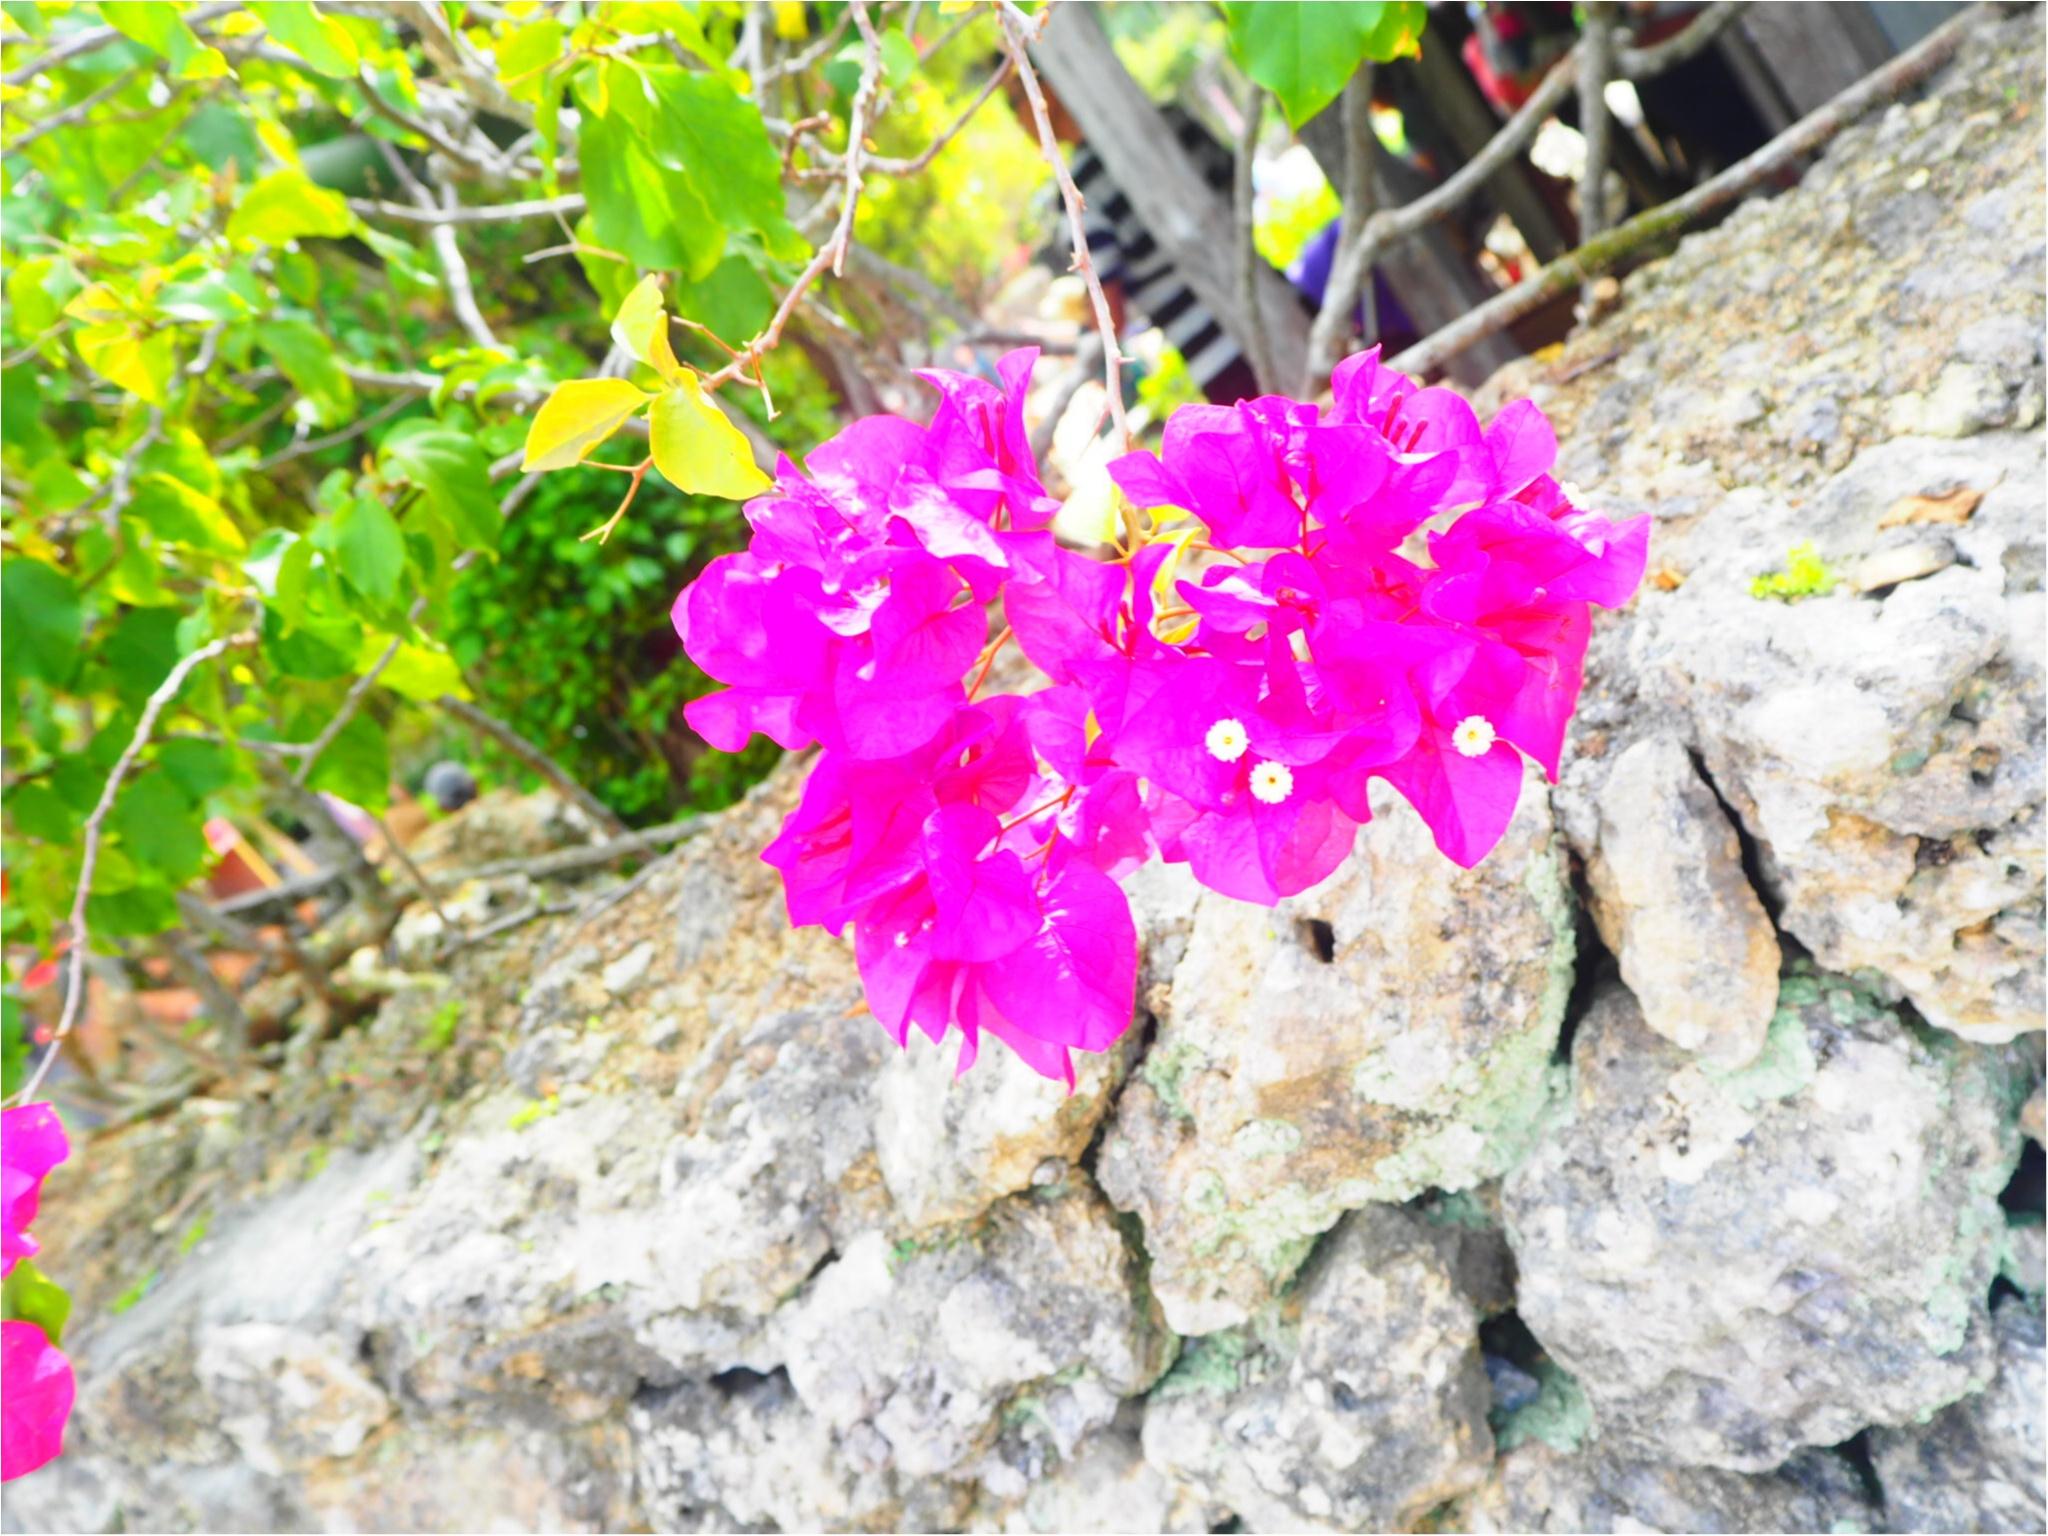 """【沖縄旅Part.②】車がなくても""""超""""充実できちゃう女子旅♡沖縄の綺麗な景色にとっても癒されました〜✴︎_2"""